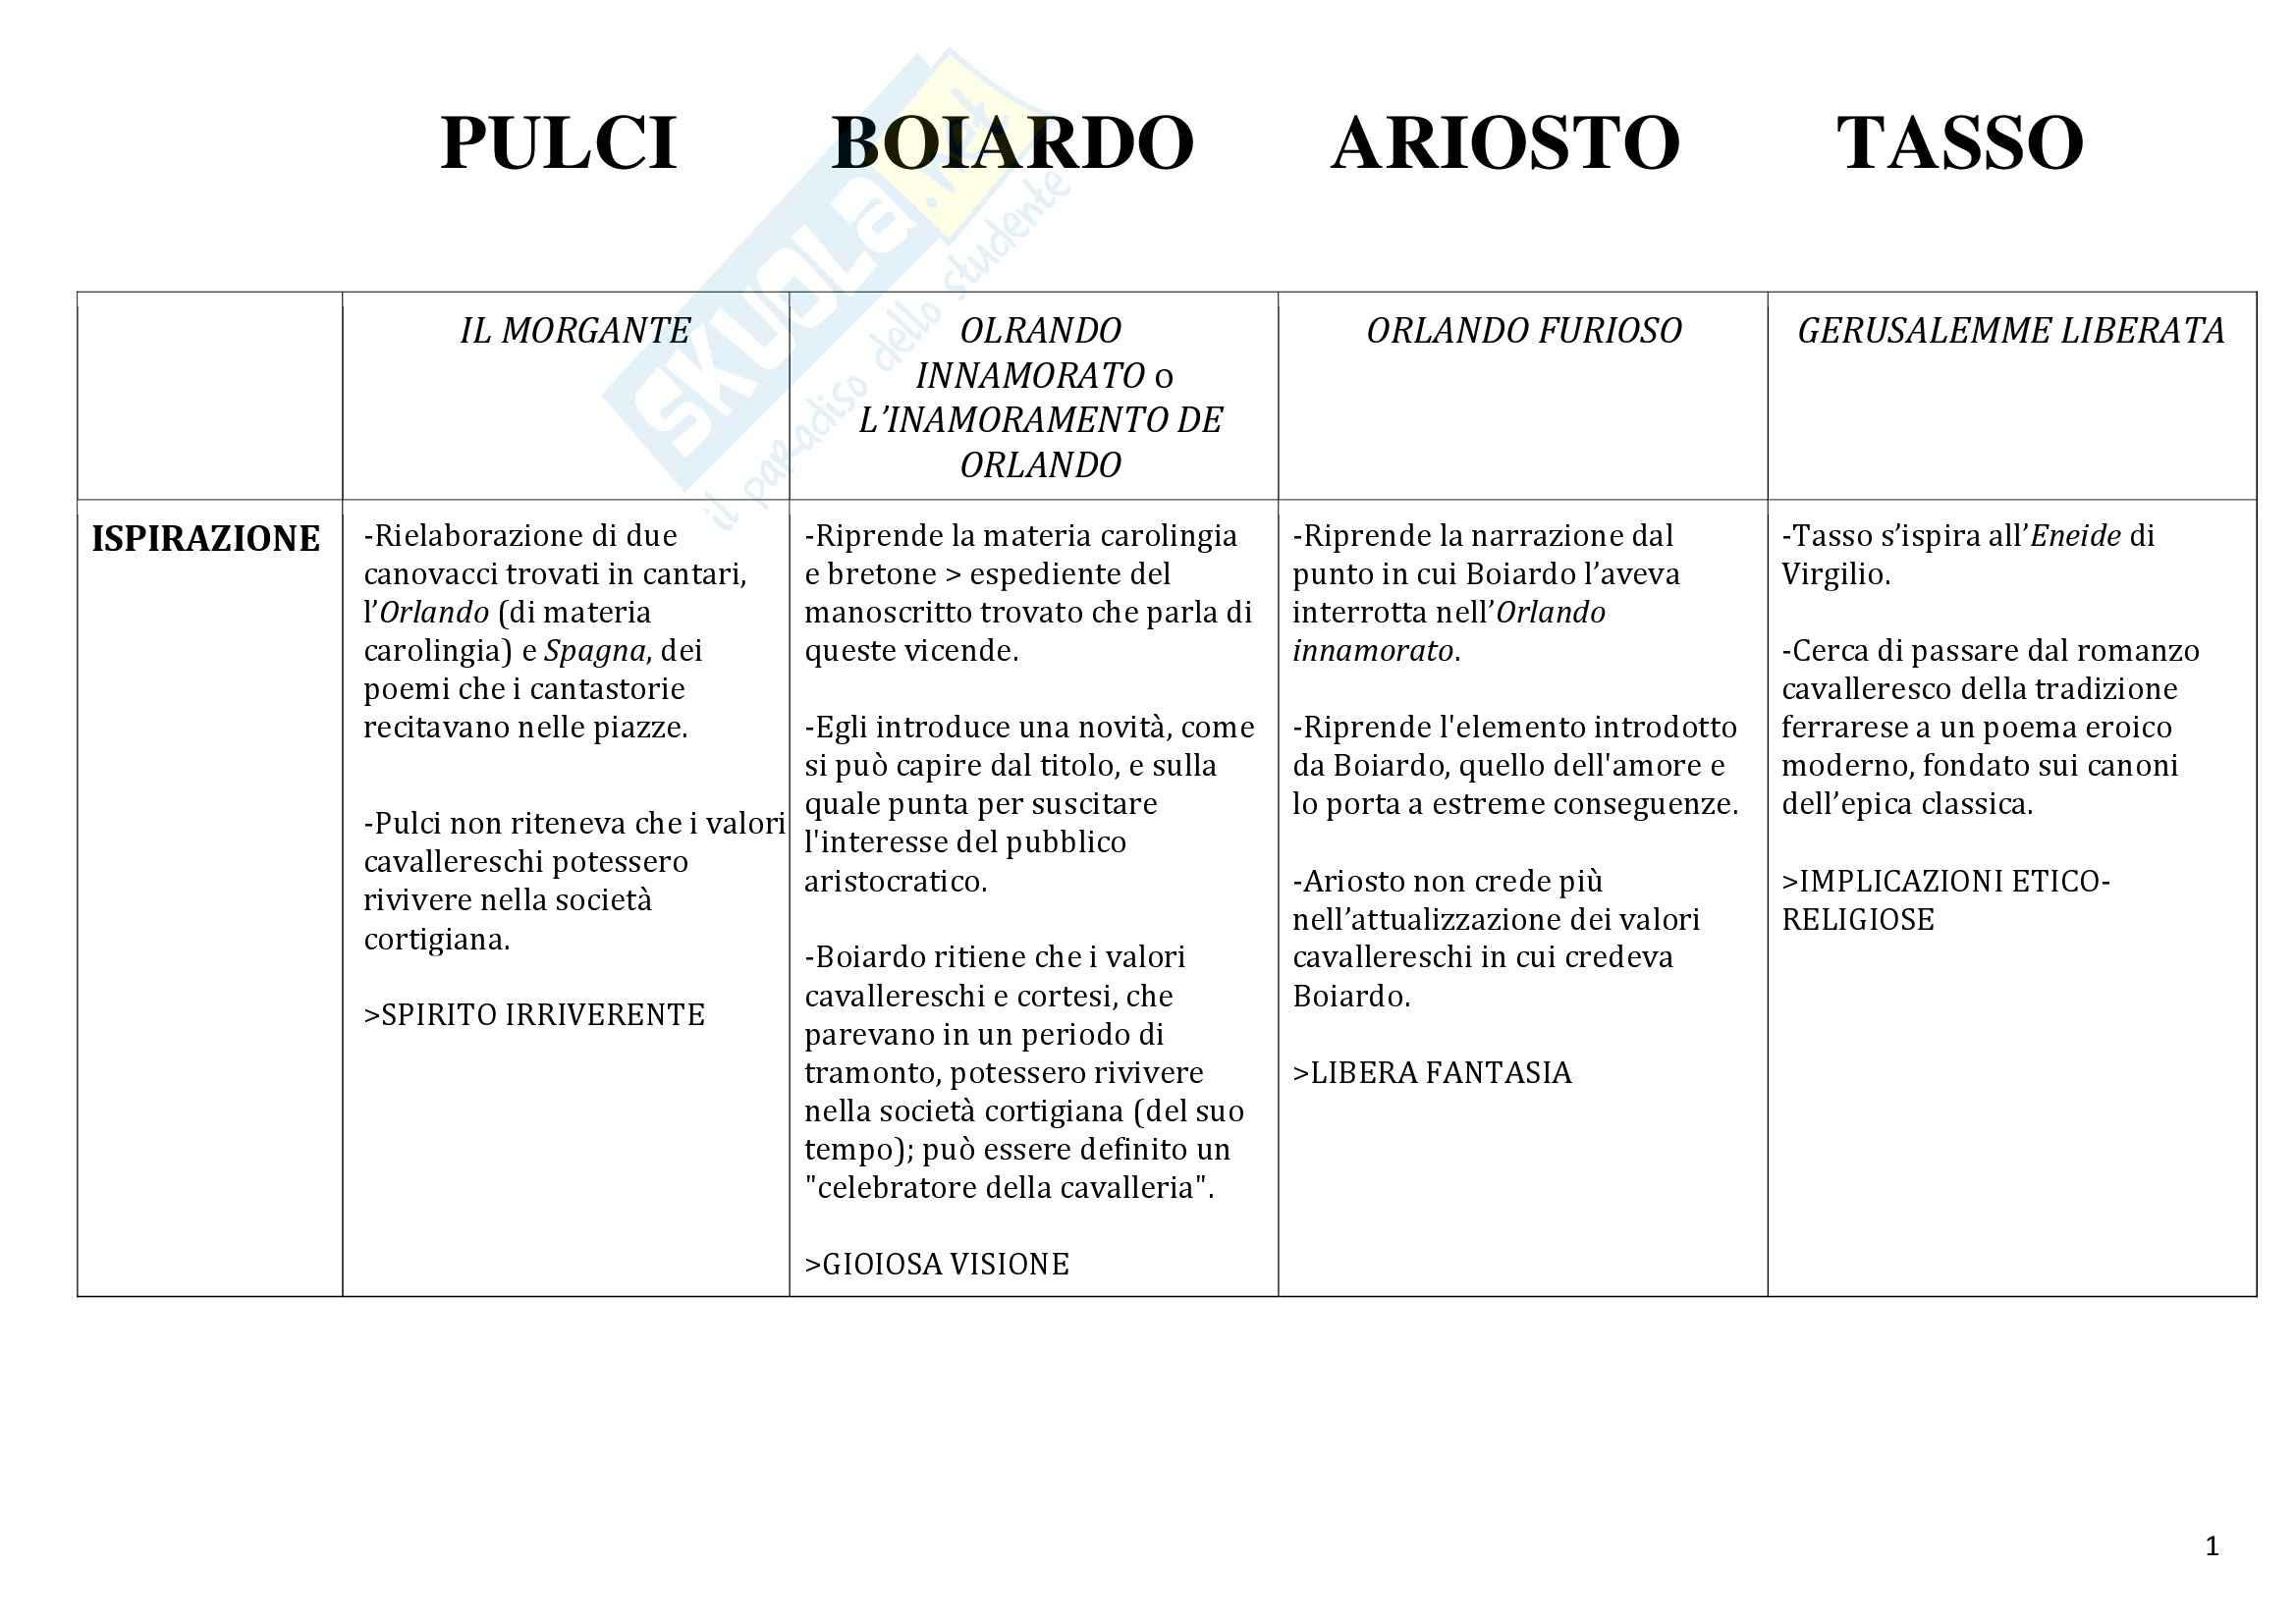 Confronto tra poemi: Appunti di Letteratura italiana